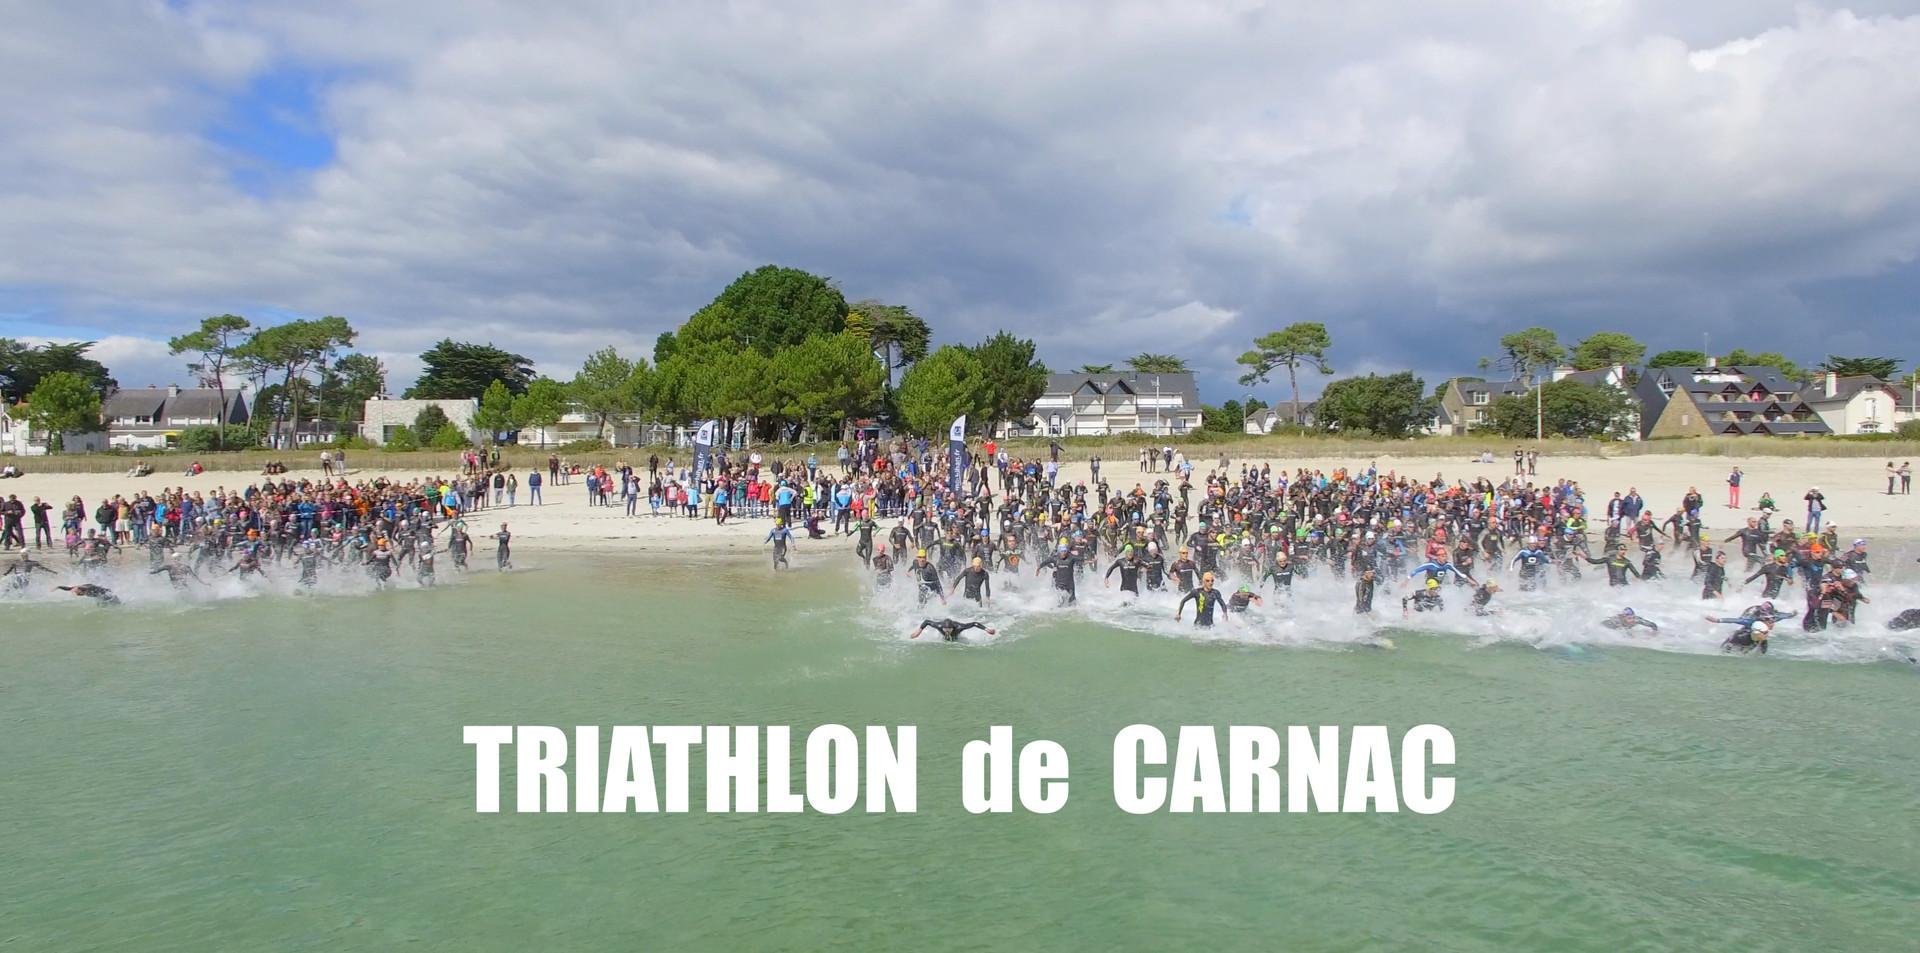 Images aériennes du FFR Beach Rugby Tour de Quiberon, du Triathlon de Carnac et du FFF Beach Soccer Tour de Quiberon